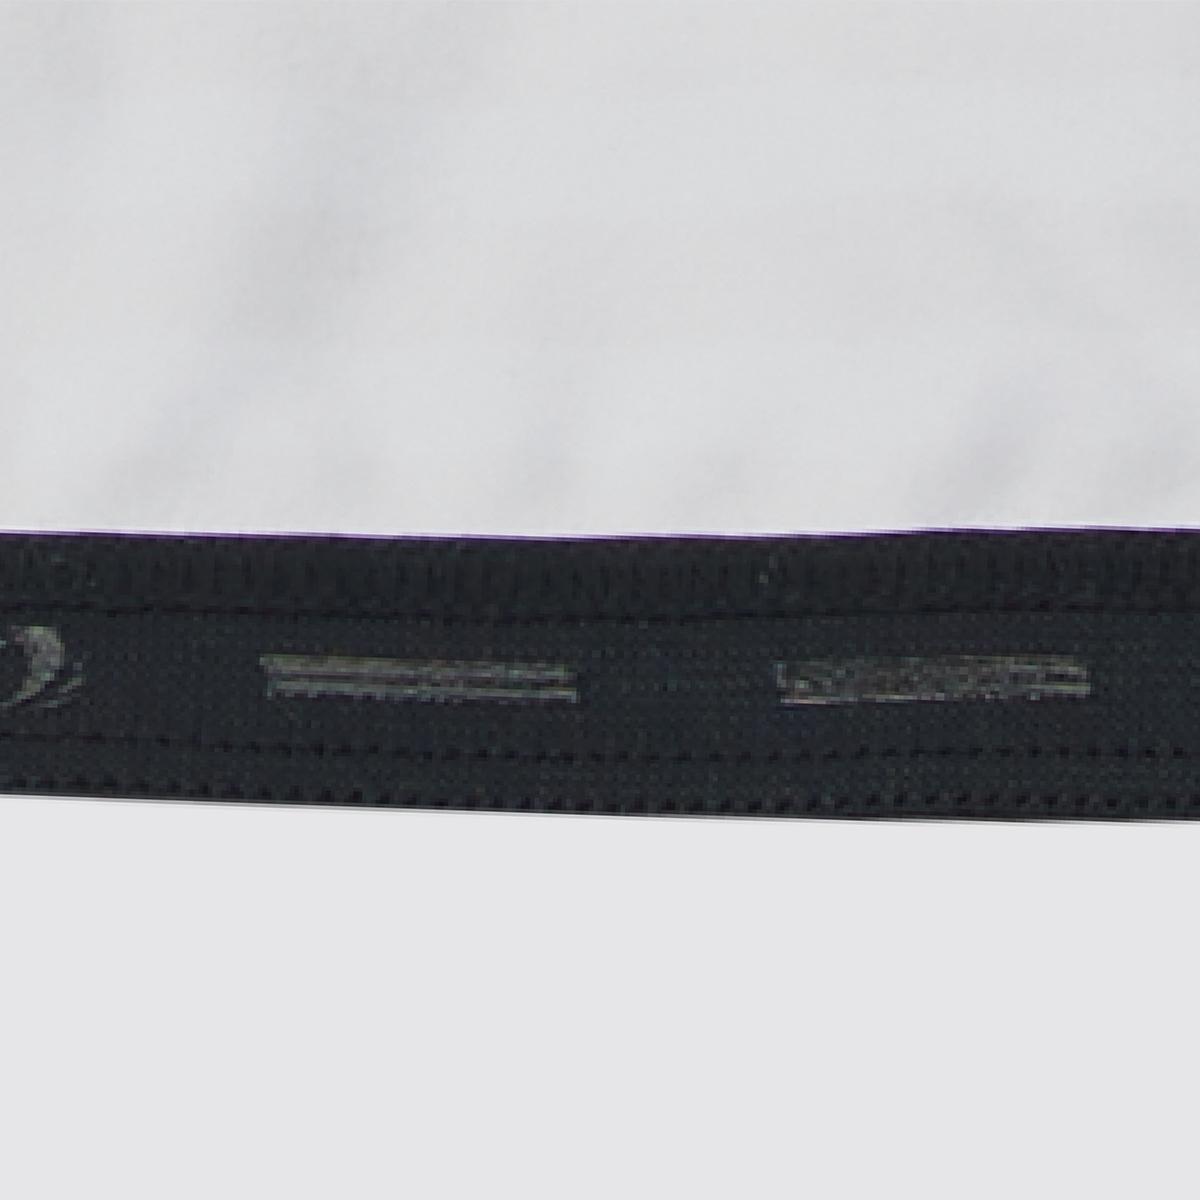 ずり上がりにくい裾 のシリコン加工